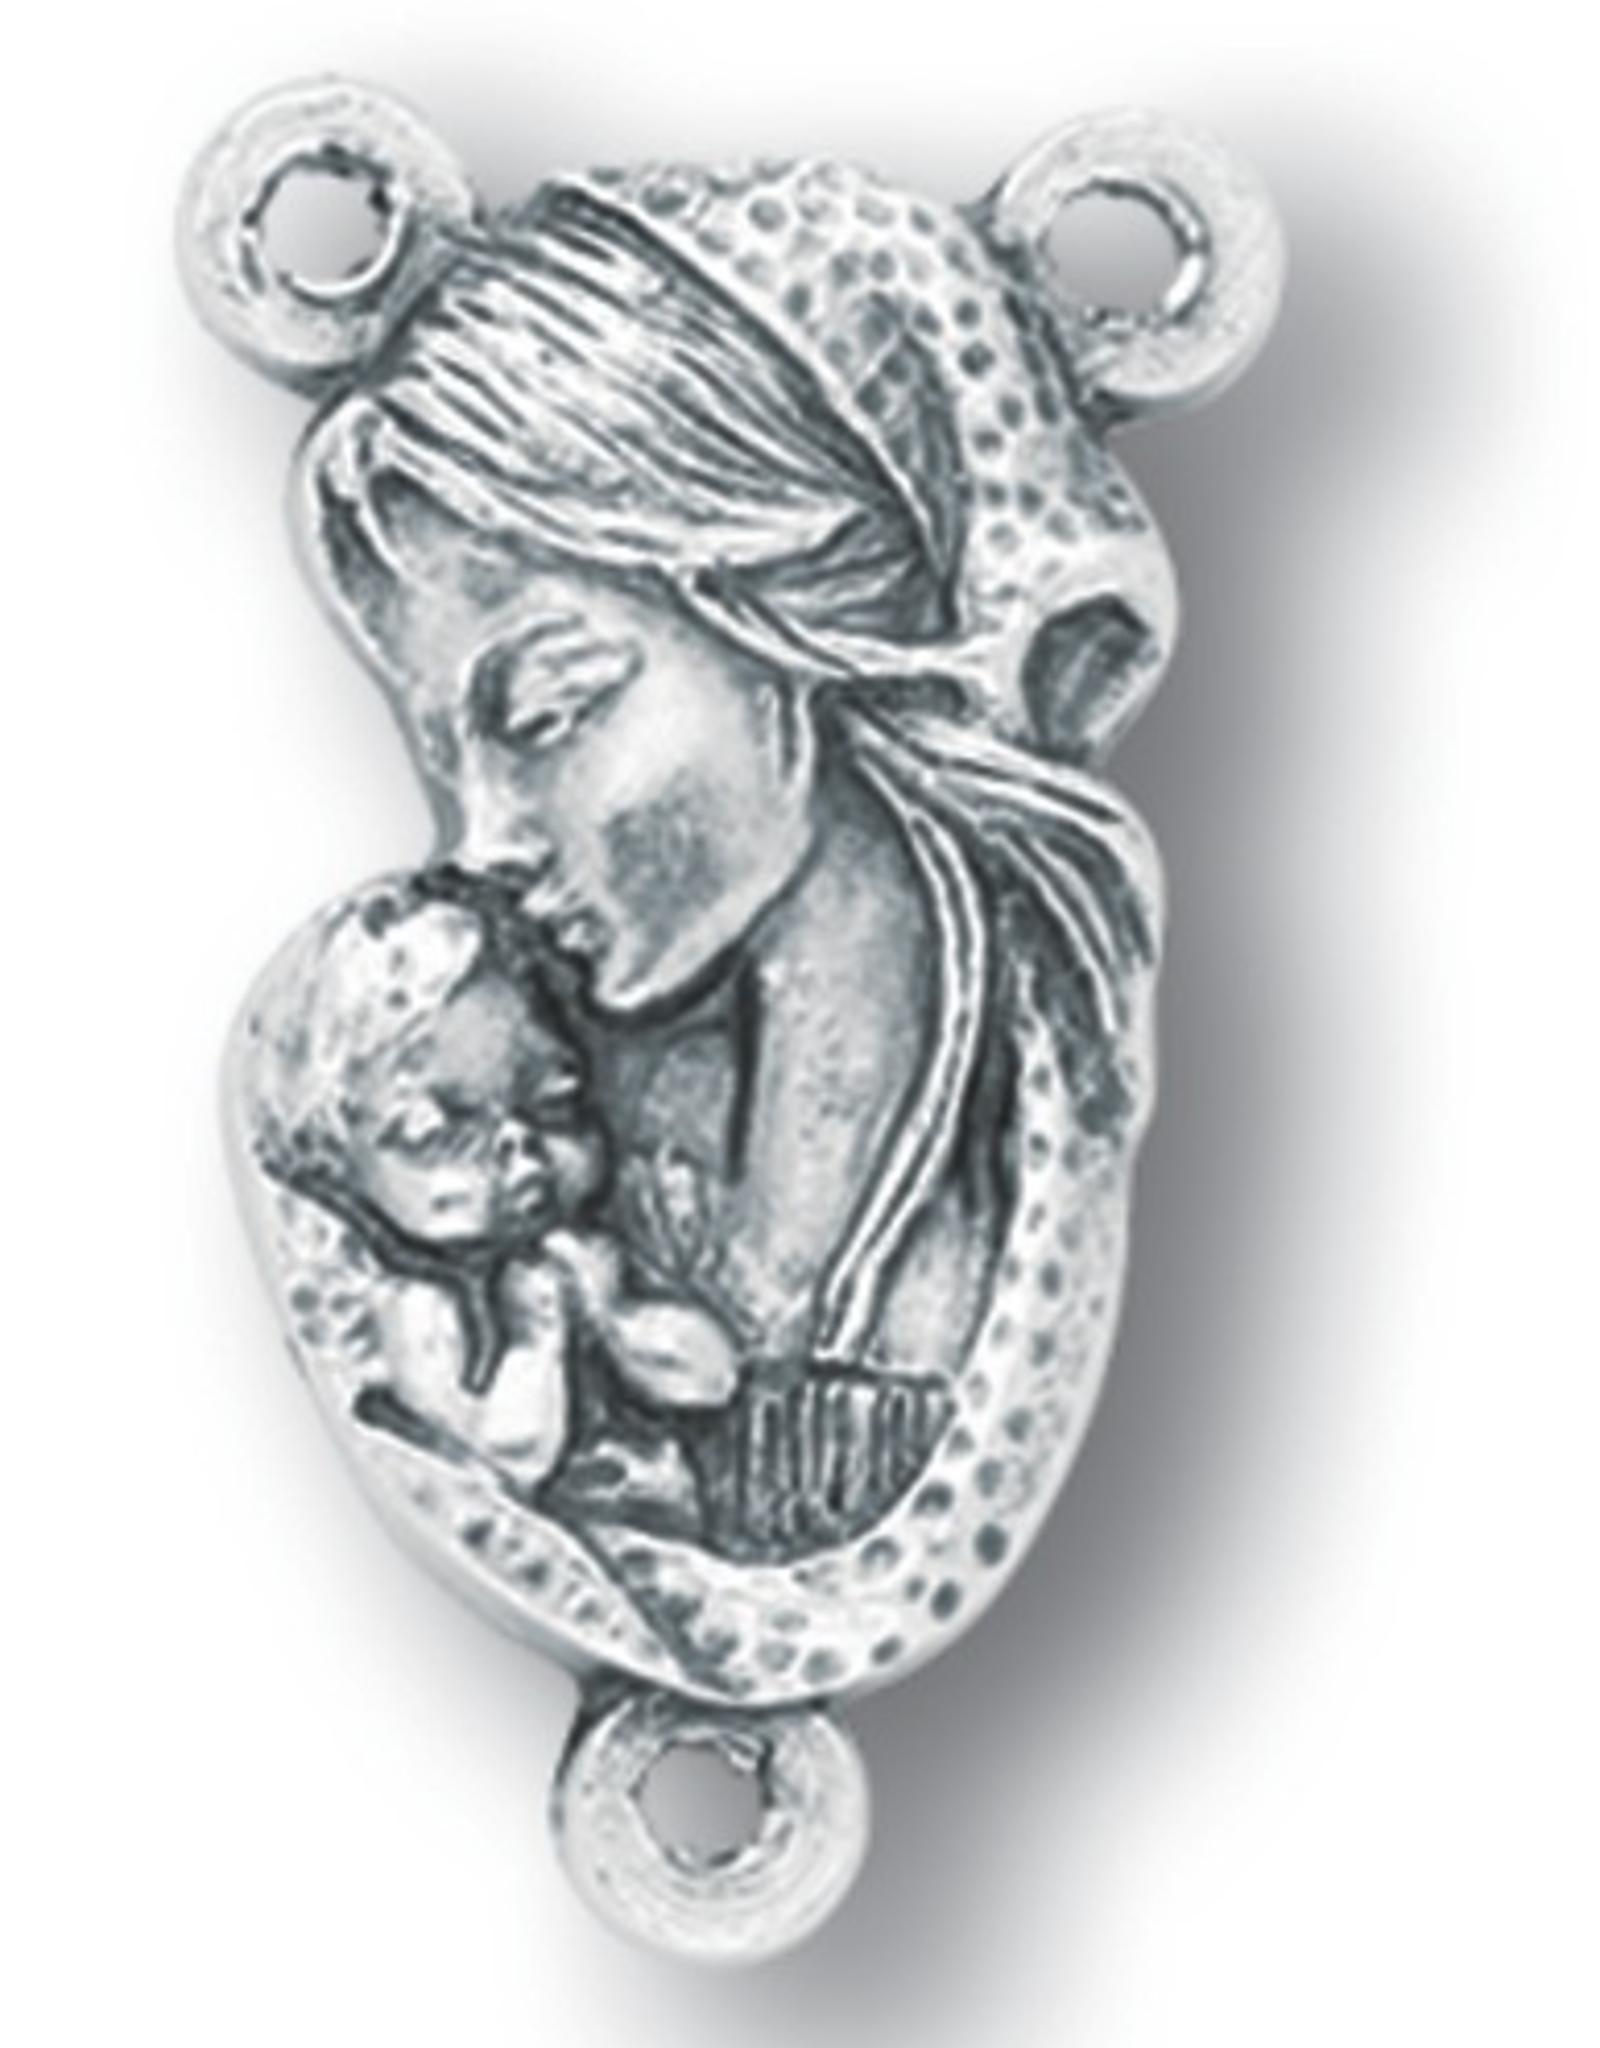 WJ Hirten Madonna & Child Centerpiece